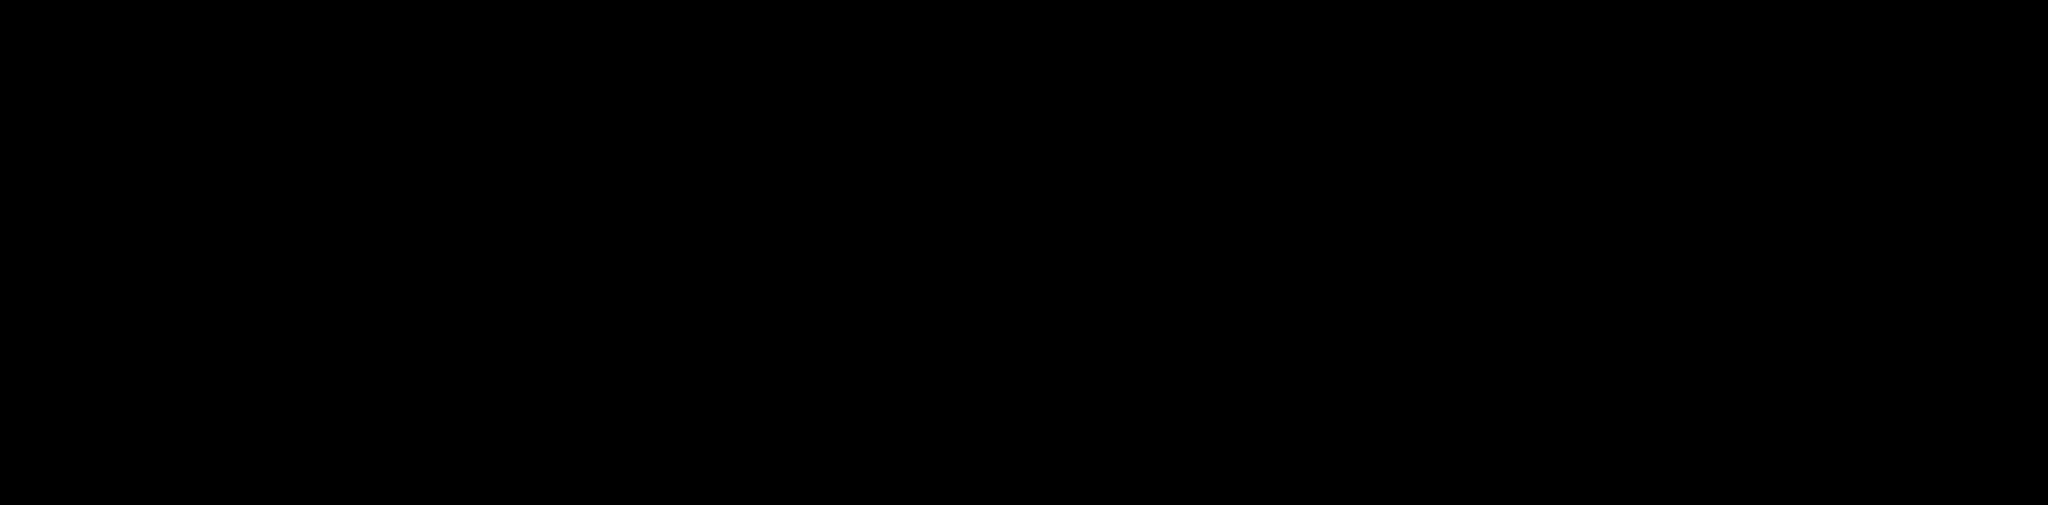 Lascaux-13